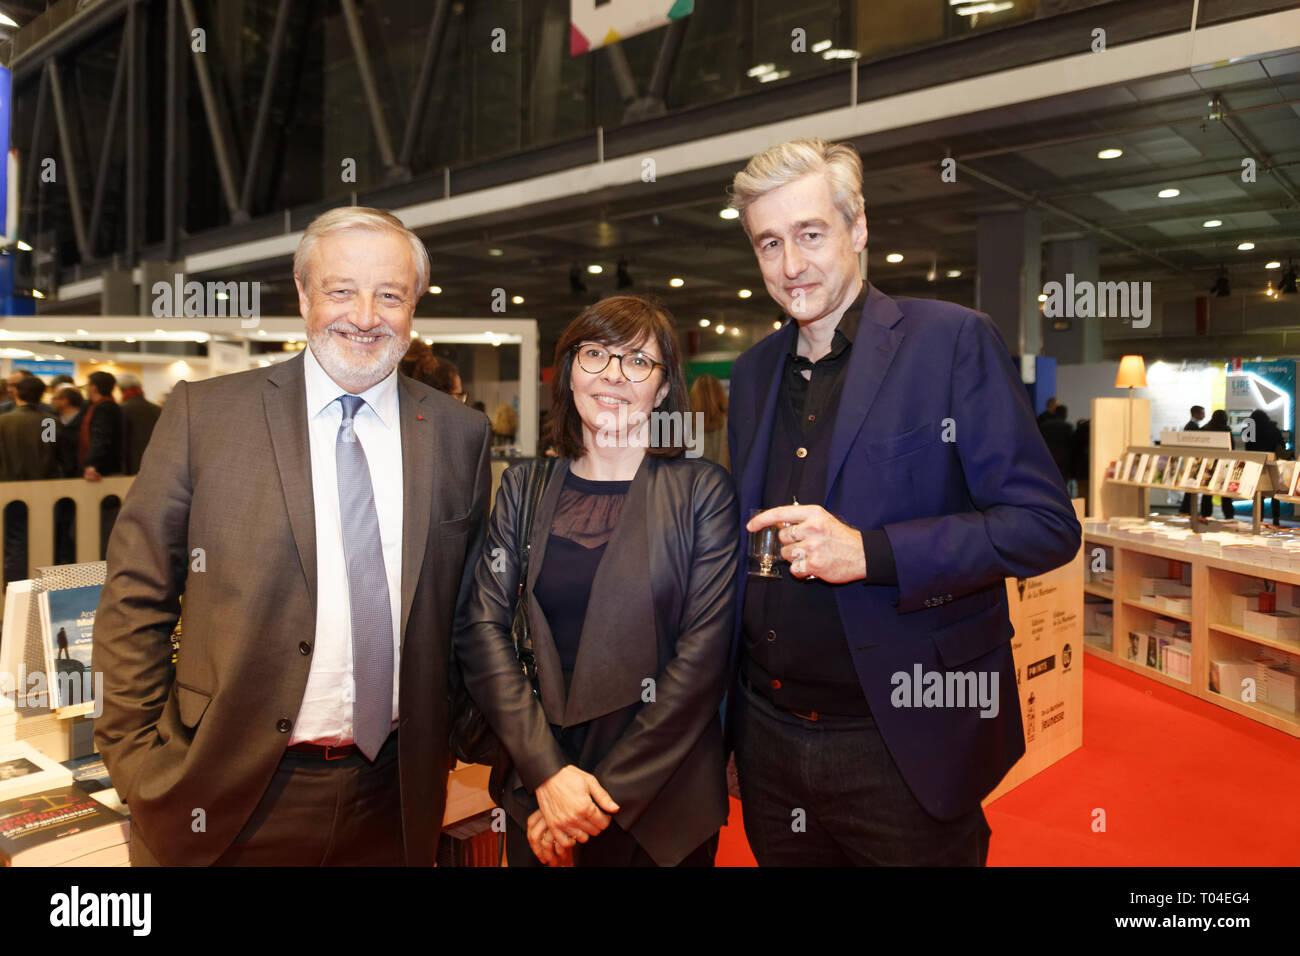 Parigi, 14 Marzo, 2019. Vincent Montagne e gli ospiti possono partecipare all inaugurazione del libro di Parigi. Credit:Veronique Phitoussi/Alamy Stock Foto Immagini Stock